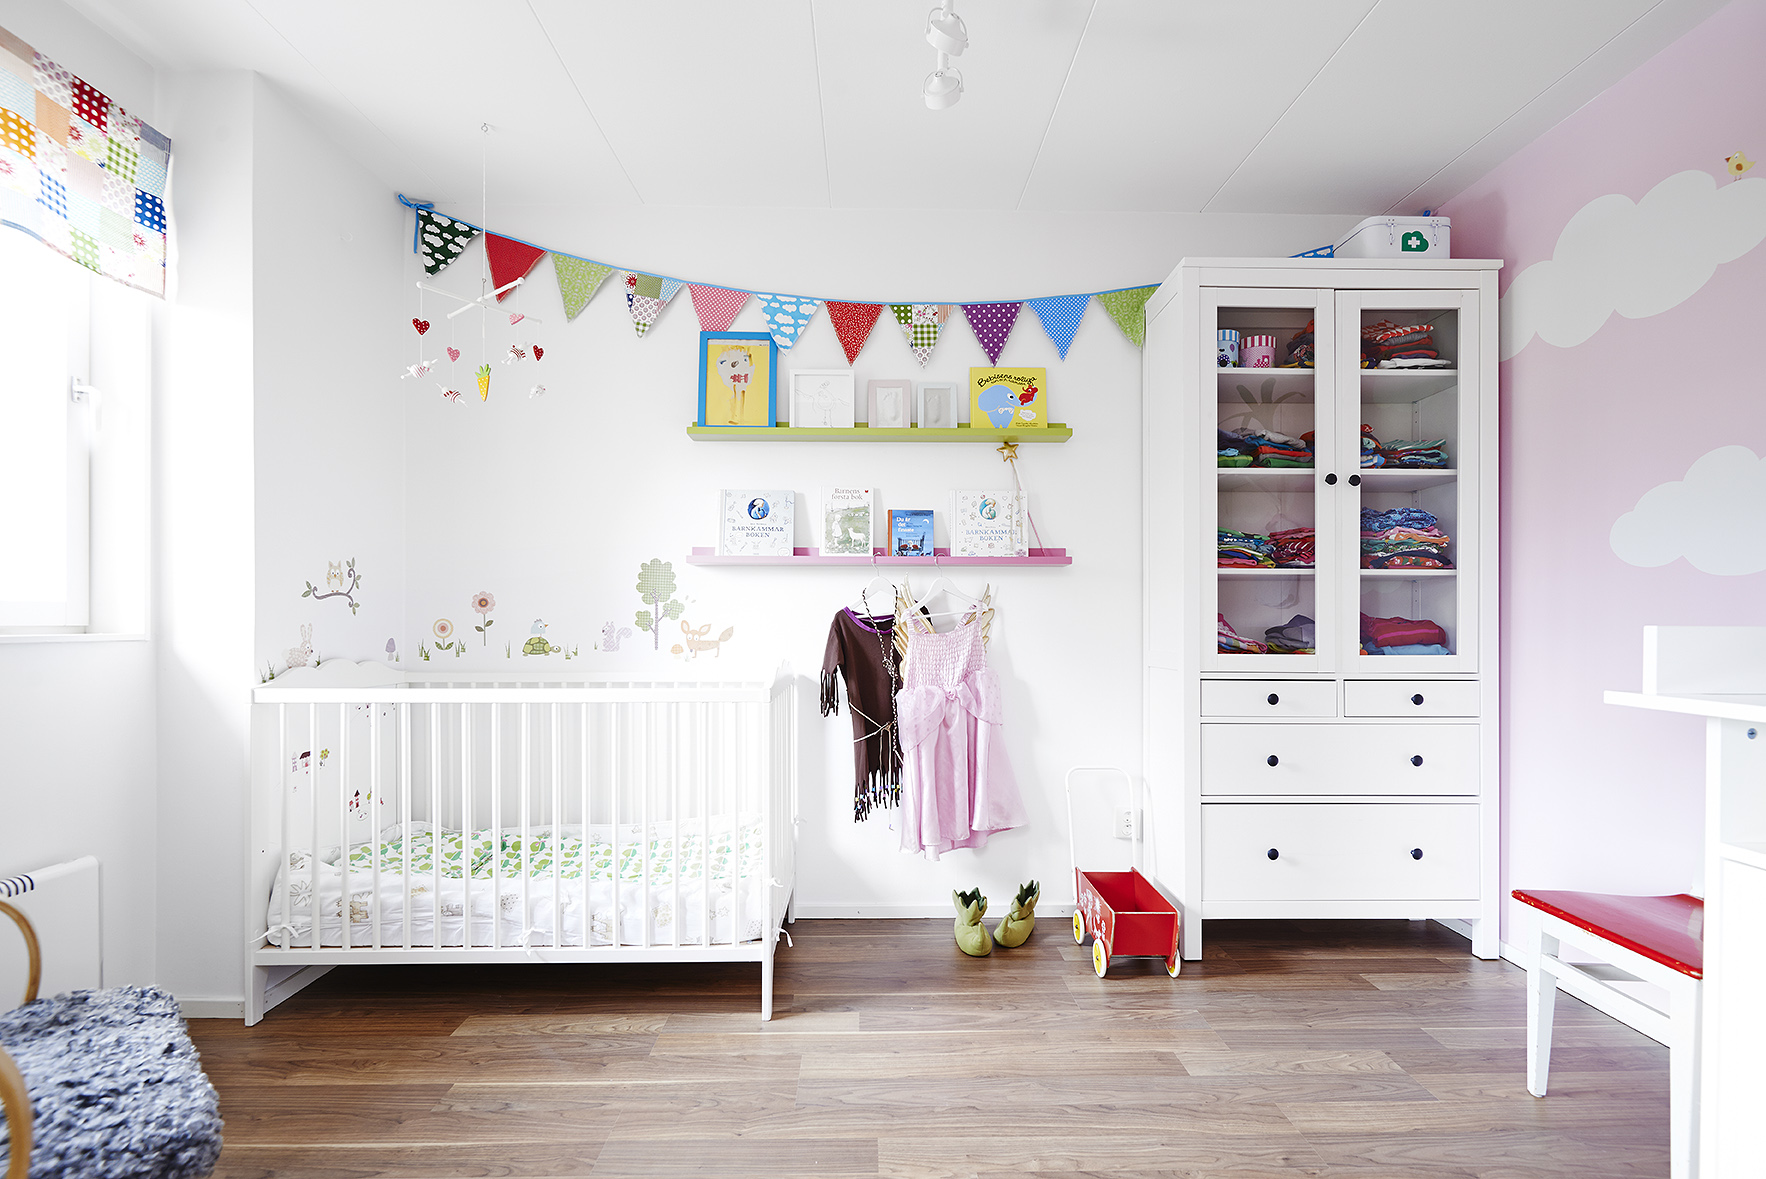 Habitaciones y espacios infantiles n rdicos blog tienda for Recoger muebles